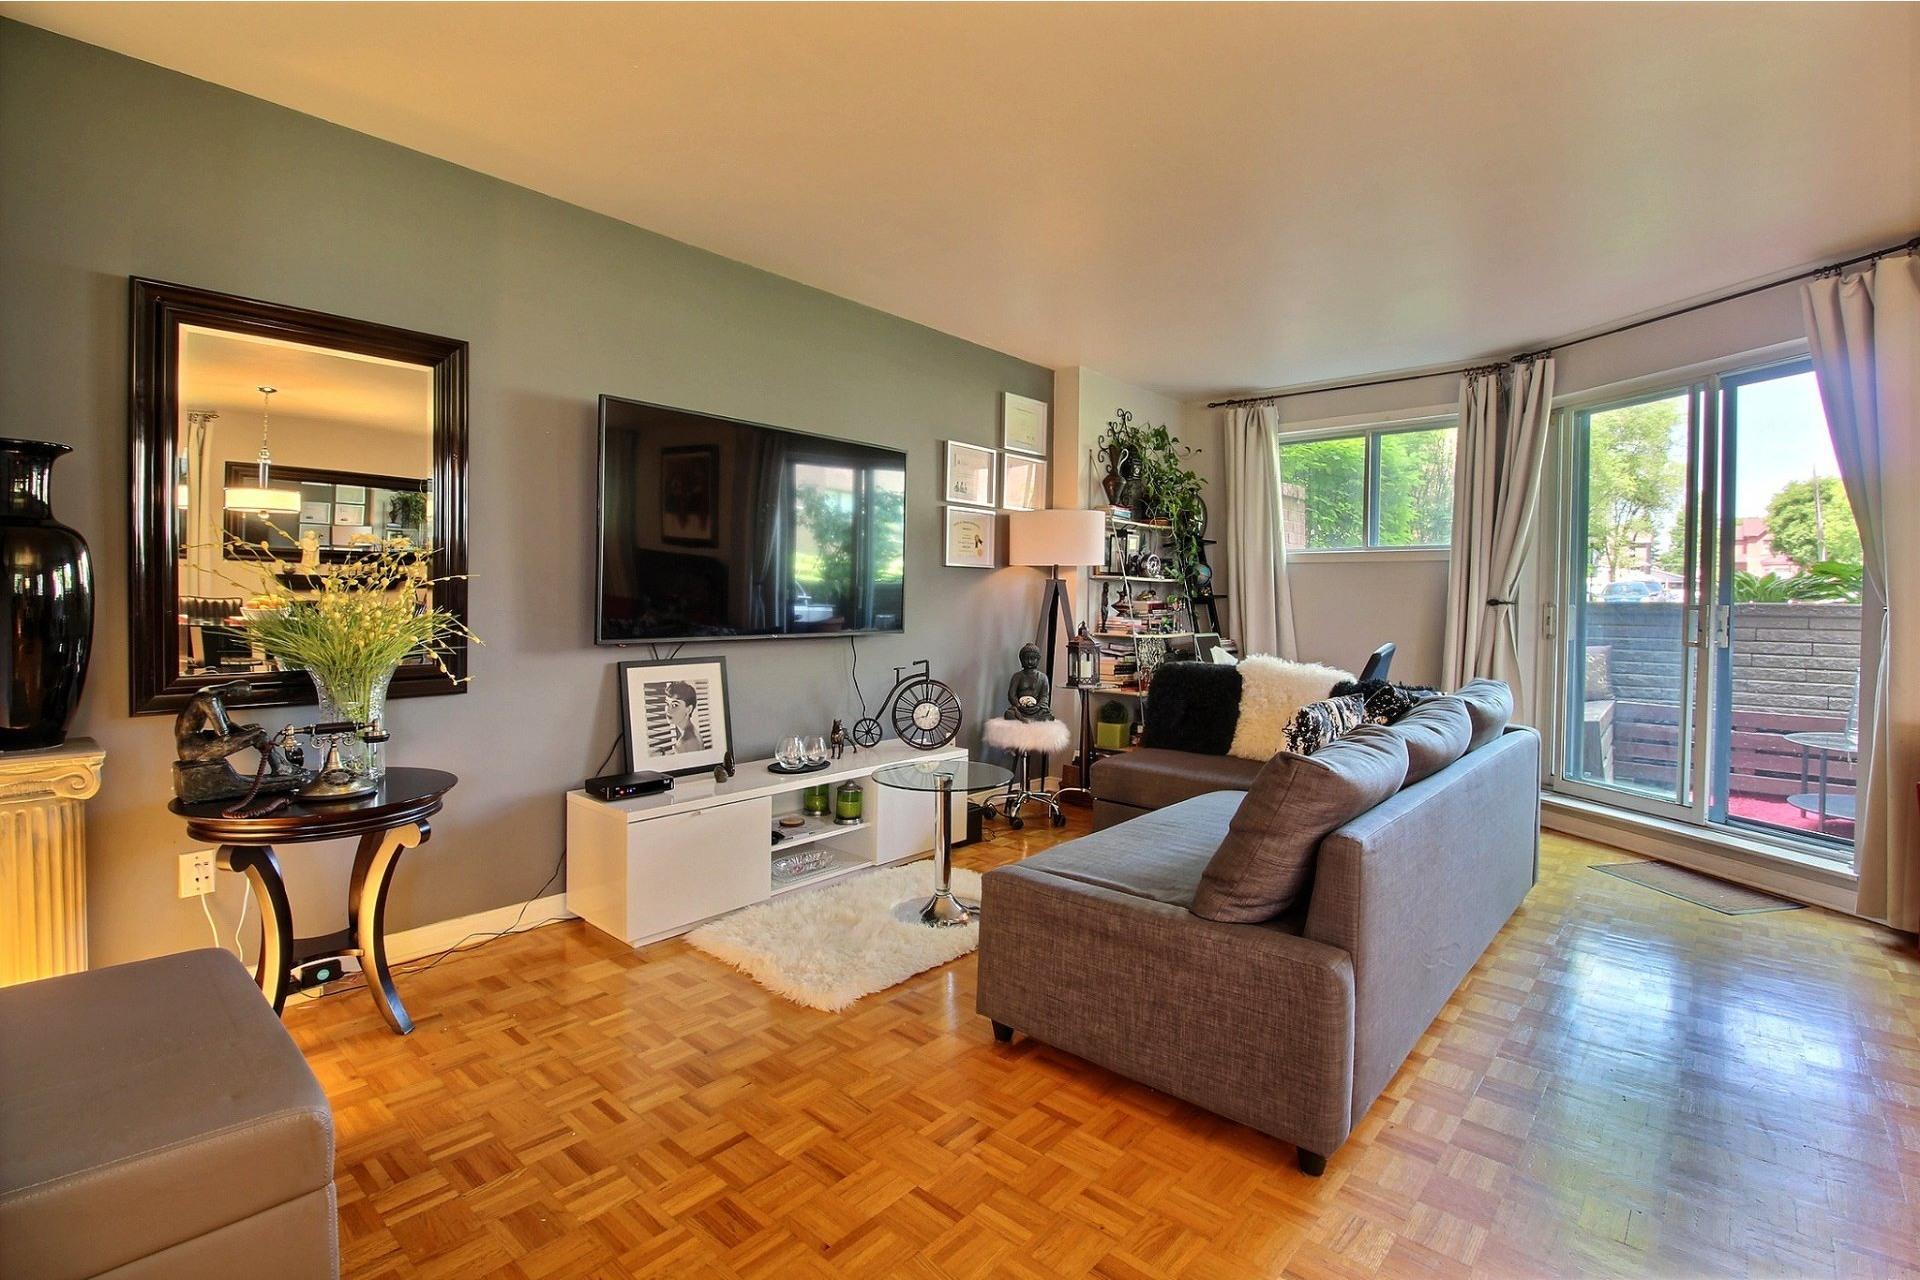 image 11 - Appartement À vendre Montréal Rivière-des-Prairies/Pointe-aux-Trembles  - 5 pièces